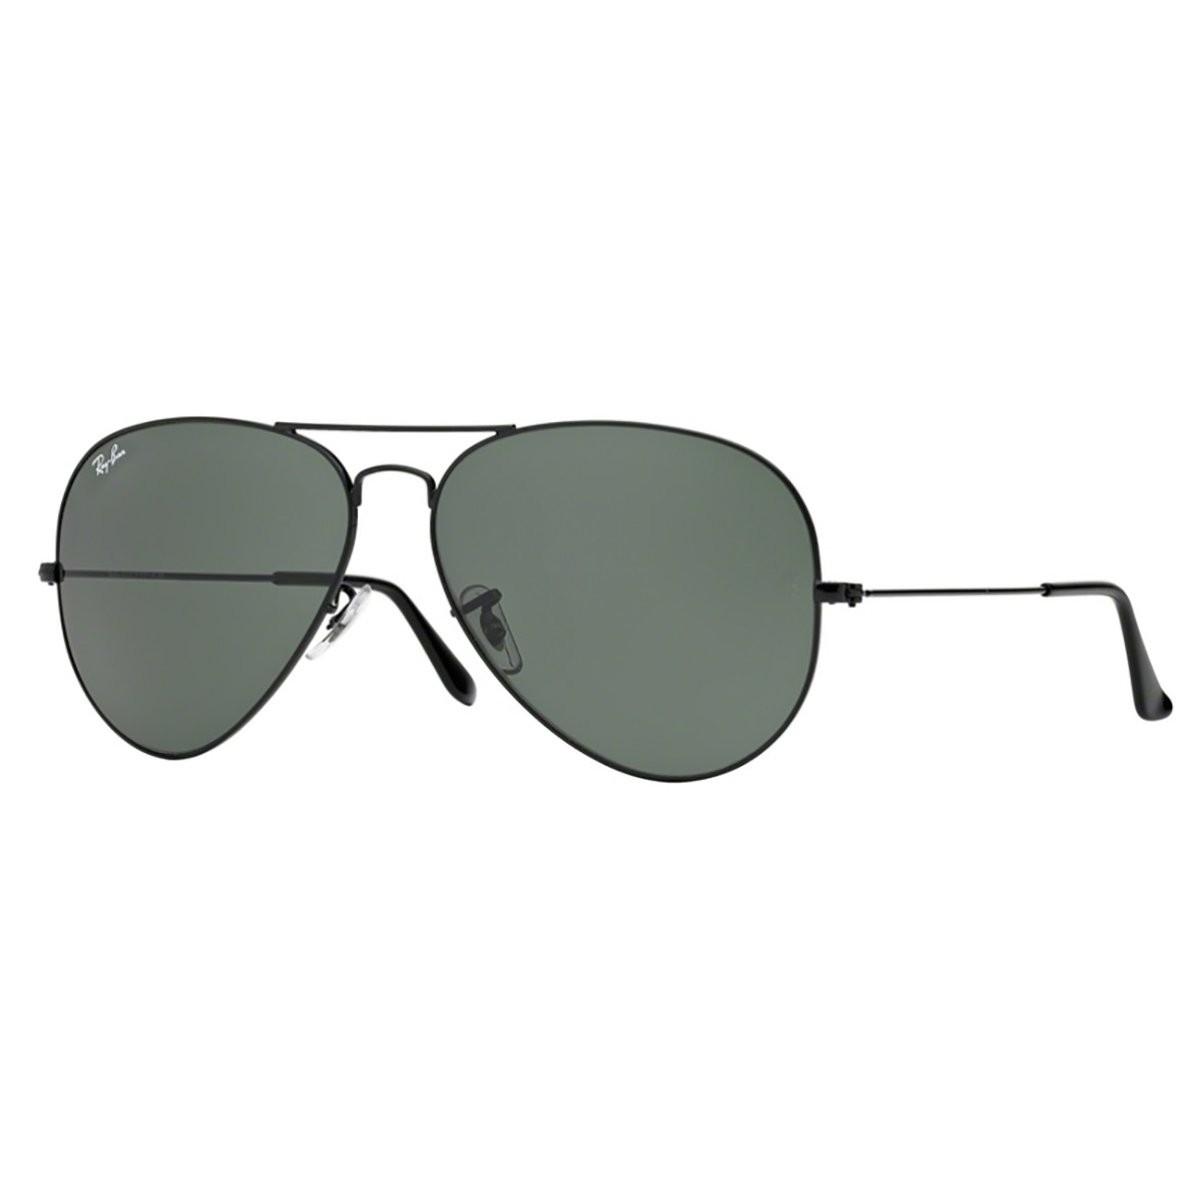 1f97600d38c6b Óculos de Sol Ray Ban Aviador RB3026